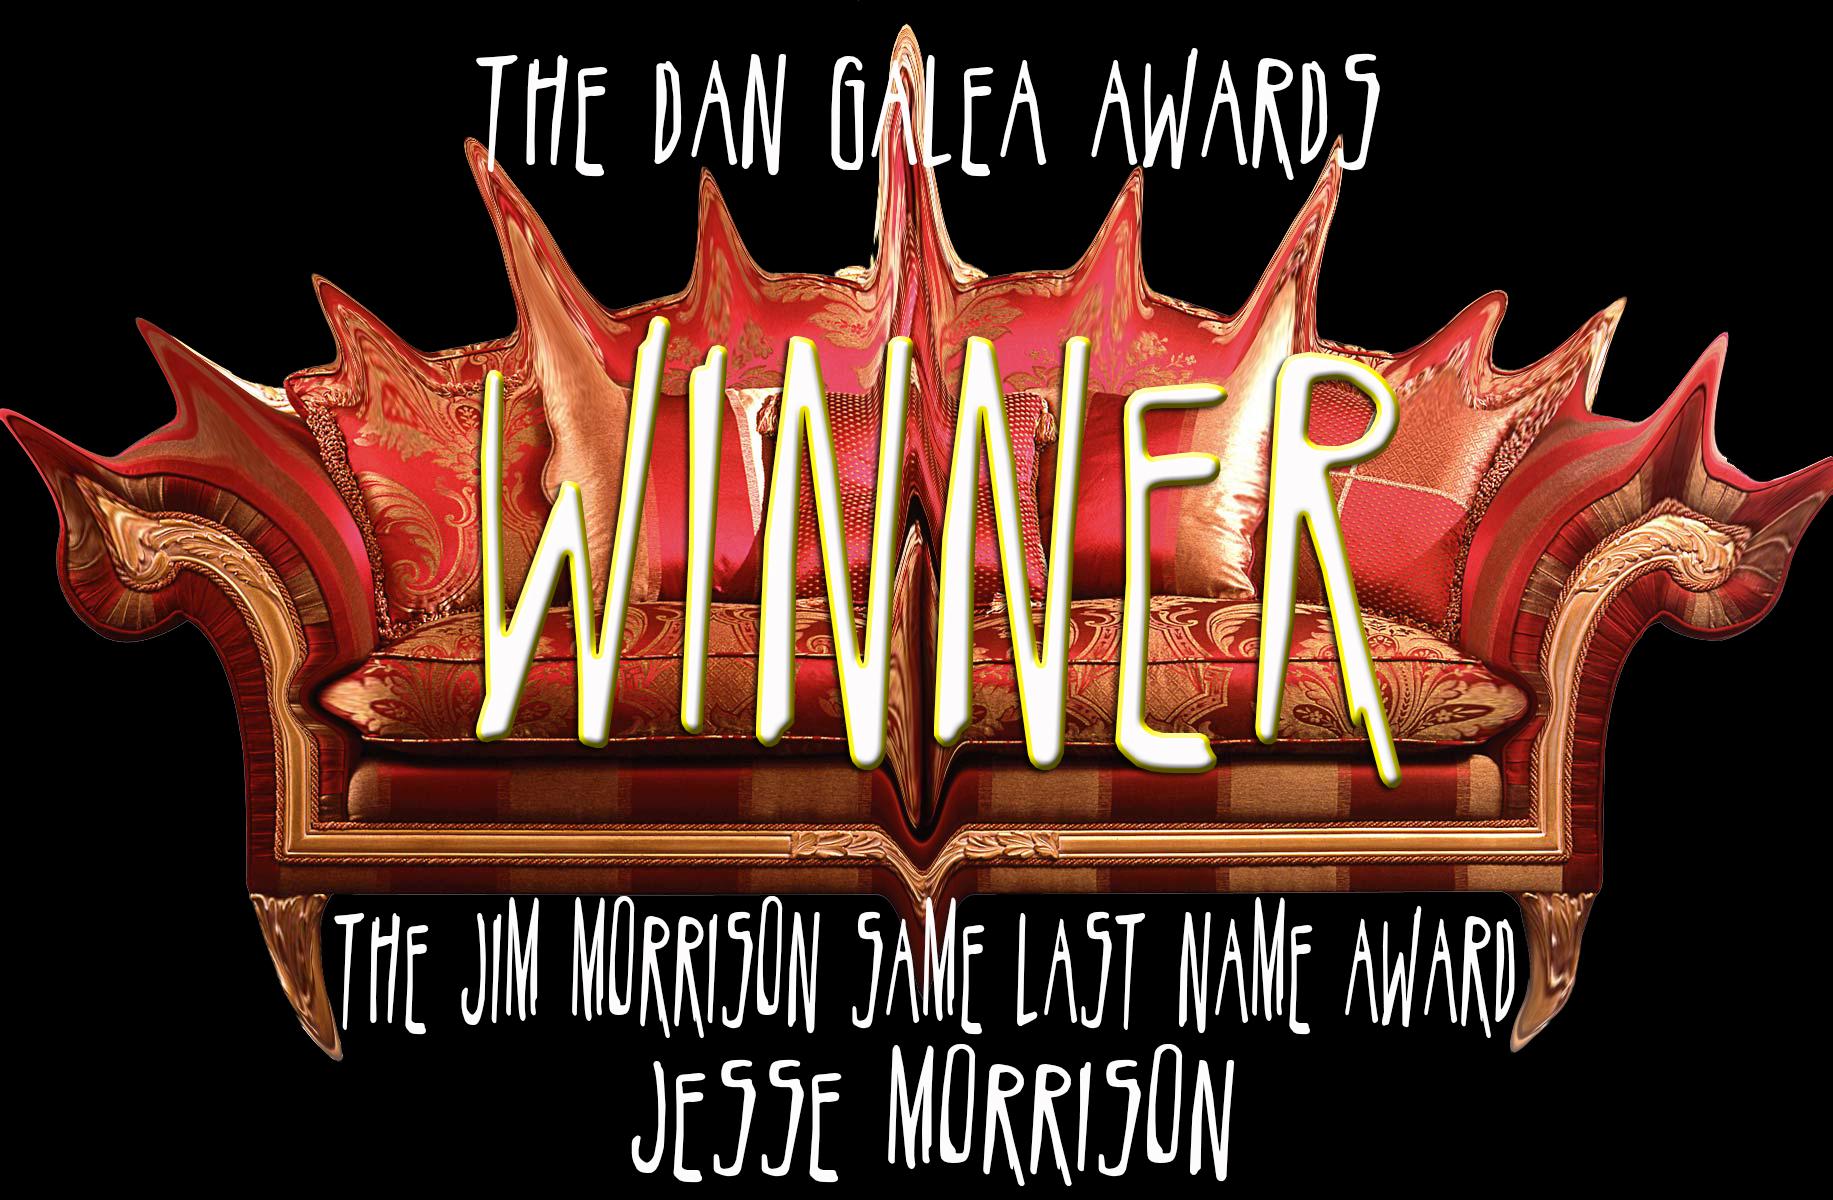 DGAWARDS jesse Morrison.jpg